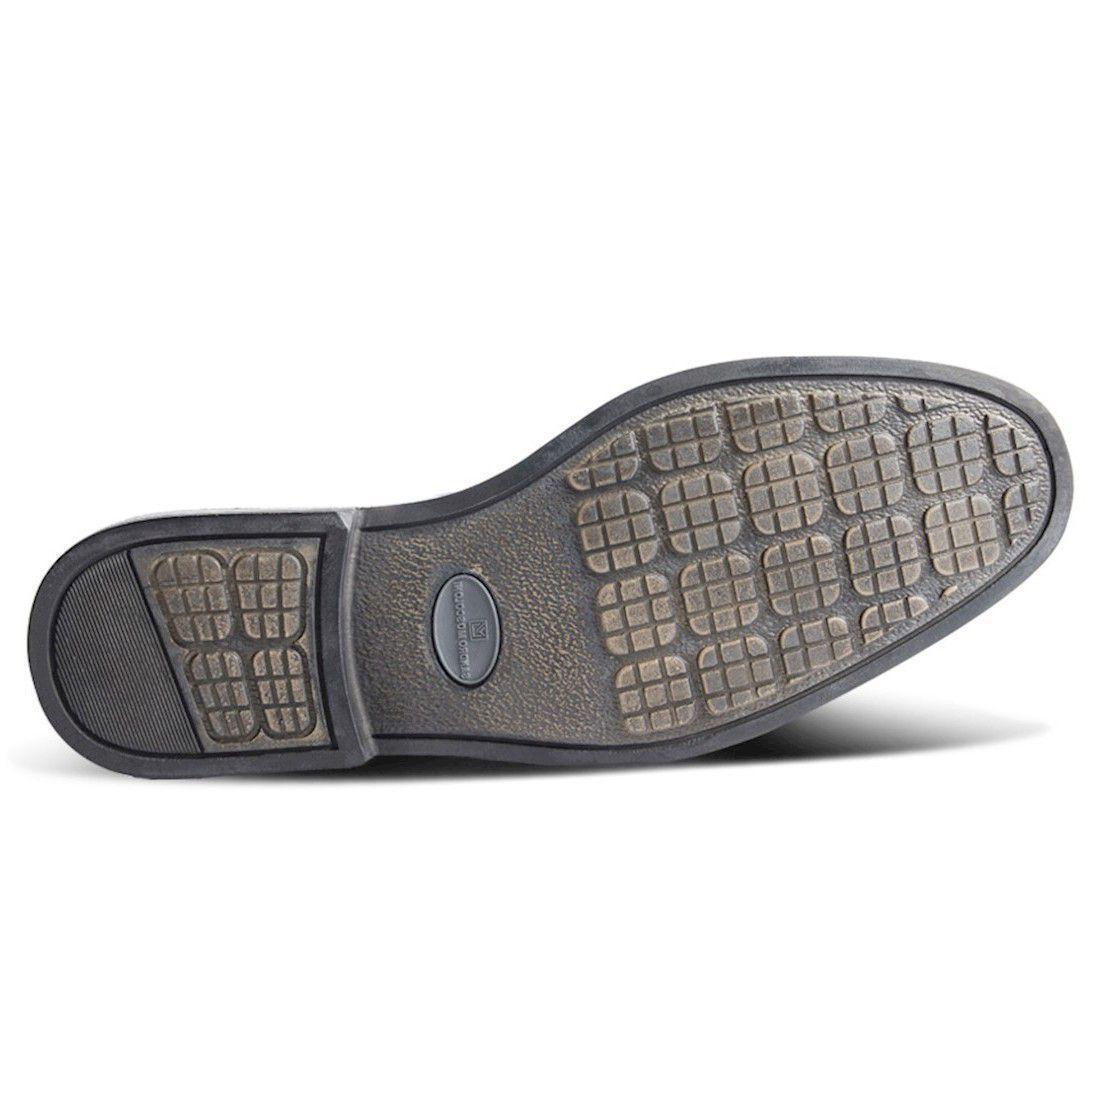 8349488d1e Sapato social masculino loafer sandro moscoloni robinson marrom tan Produto  não disponível